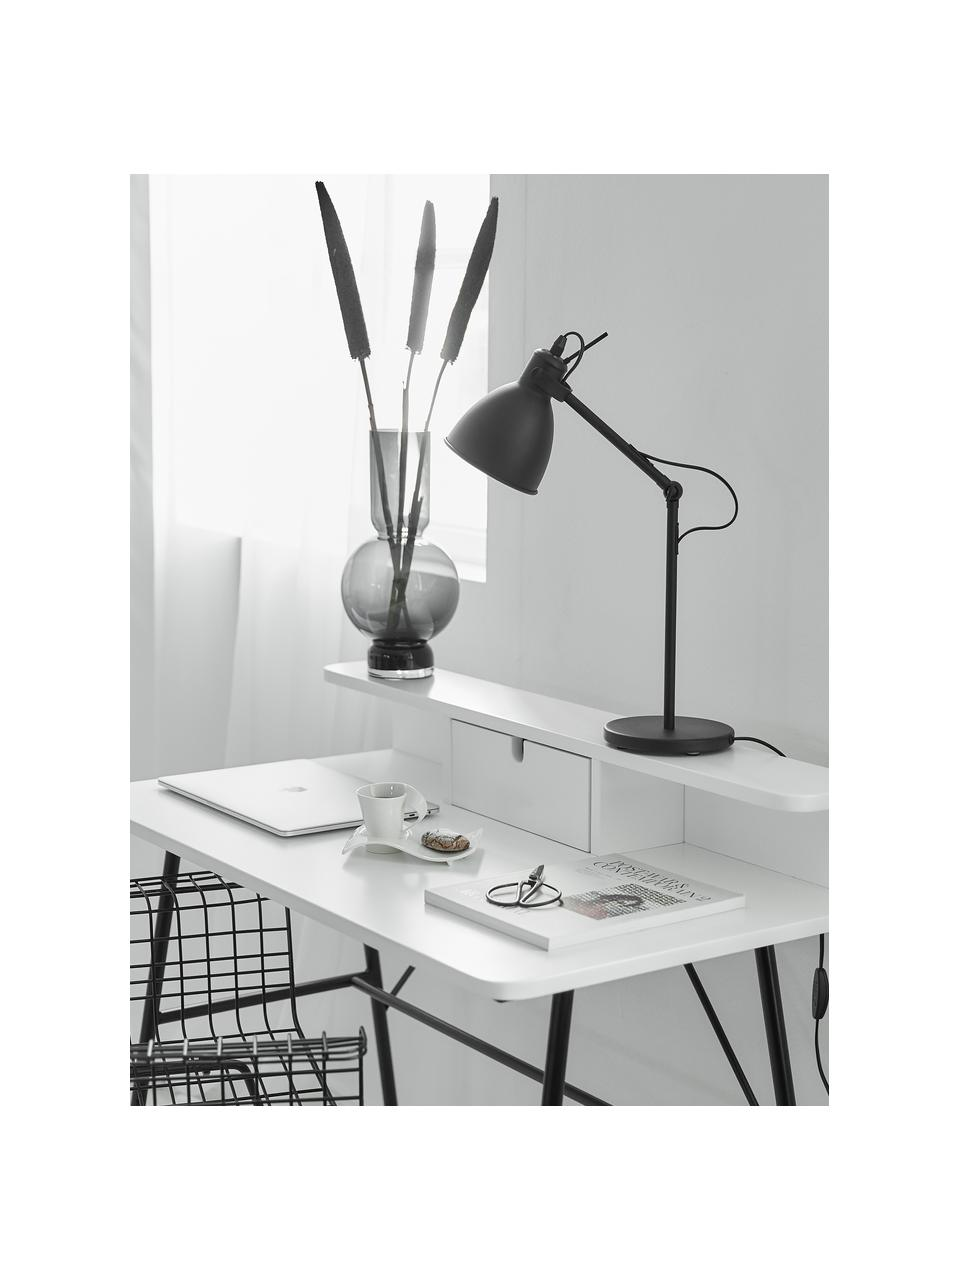 Lampada da tavolo industriale nera Ethan, Paralume: metallo verniciato a polv, Base della lampada: metallo verniciato a polv, Nero, Ø 15 x Alt. 43 cm